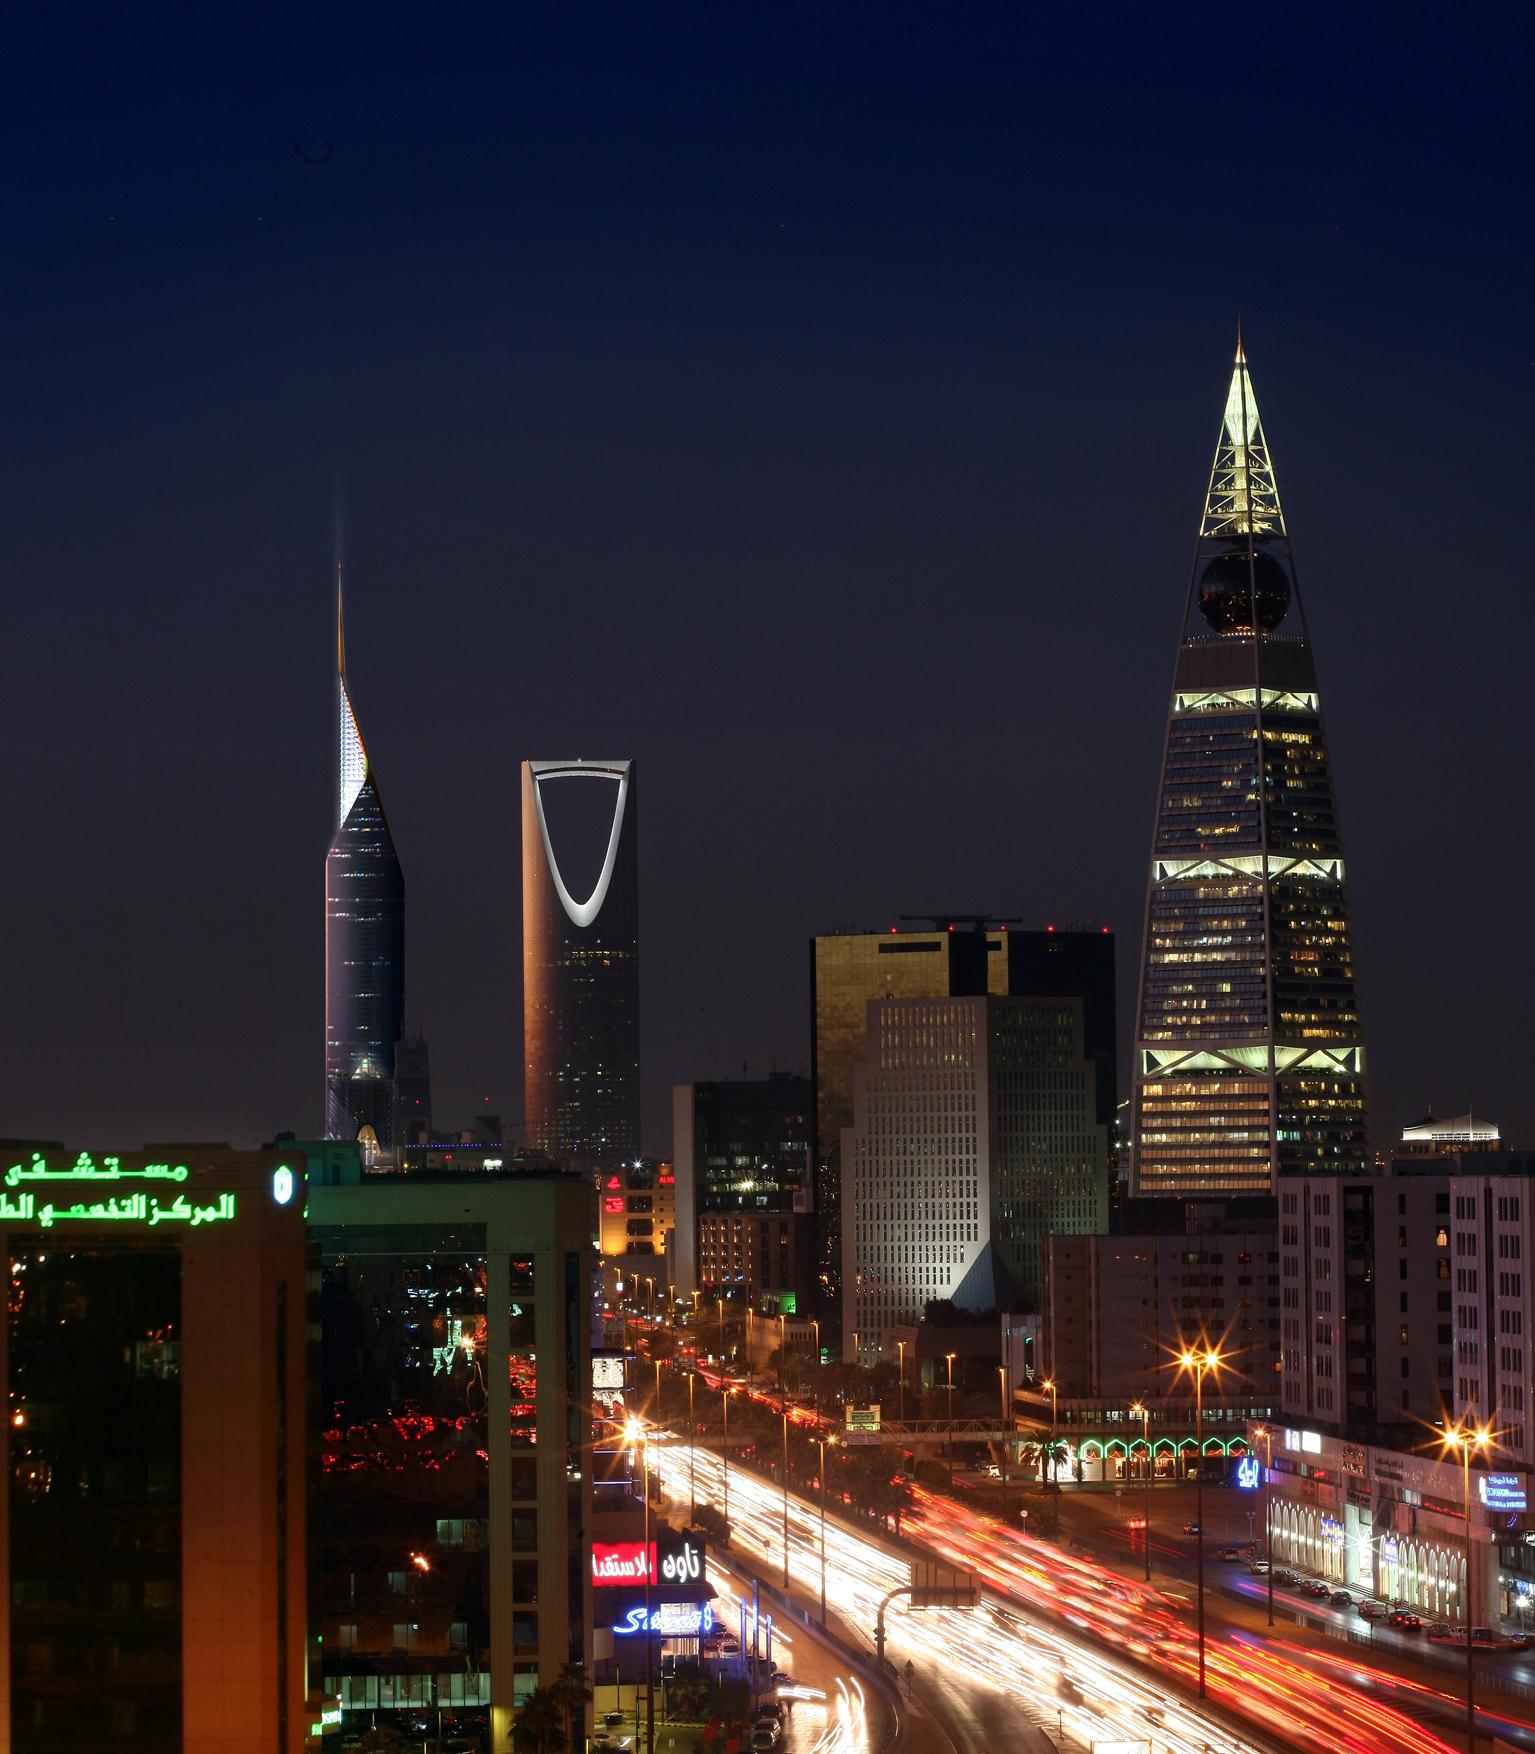 صور مدينة الرياض G3bbGywVsSa3E6VVyzYp5w4e